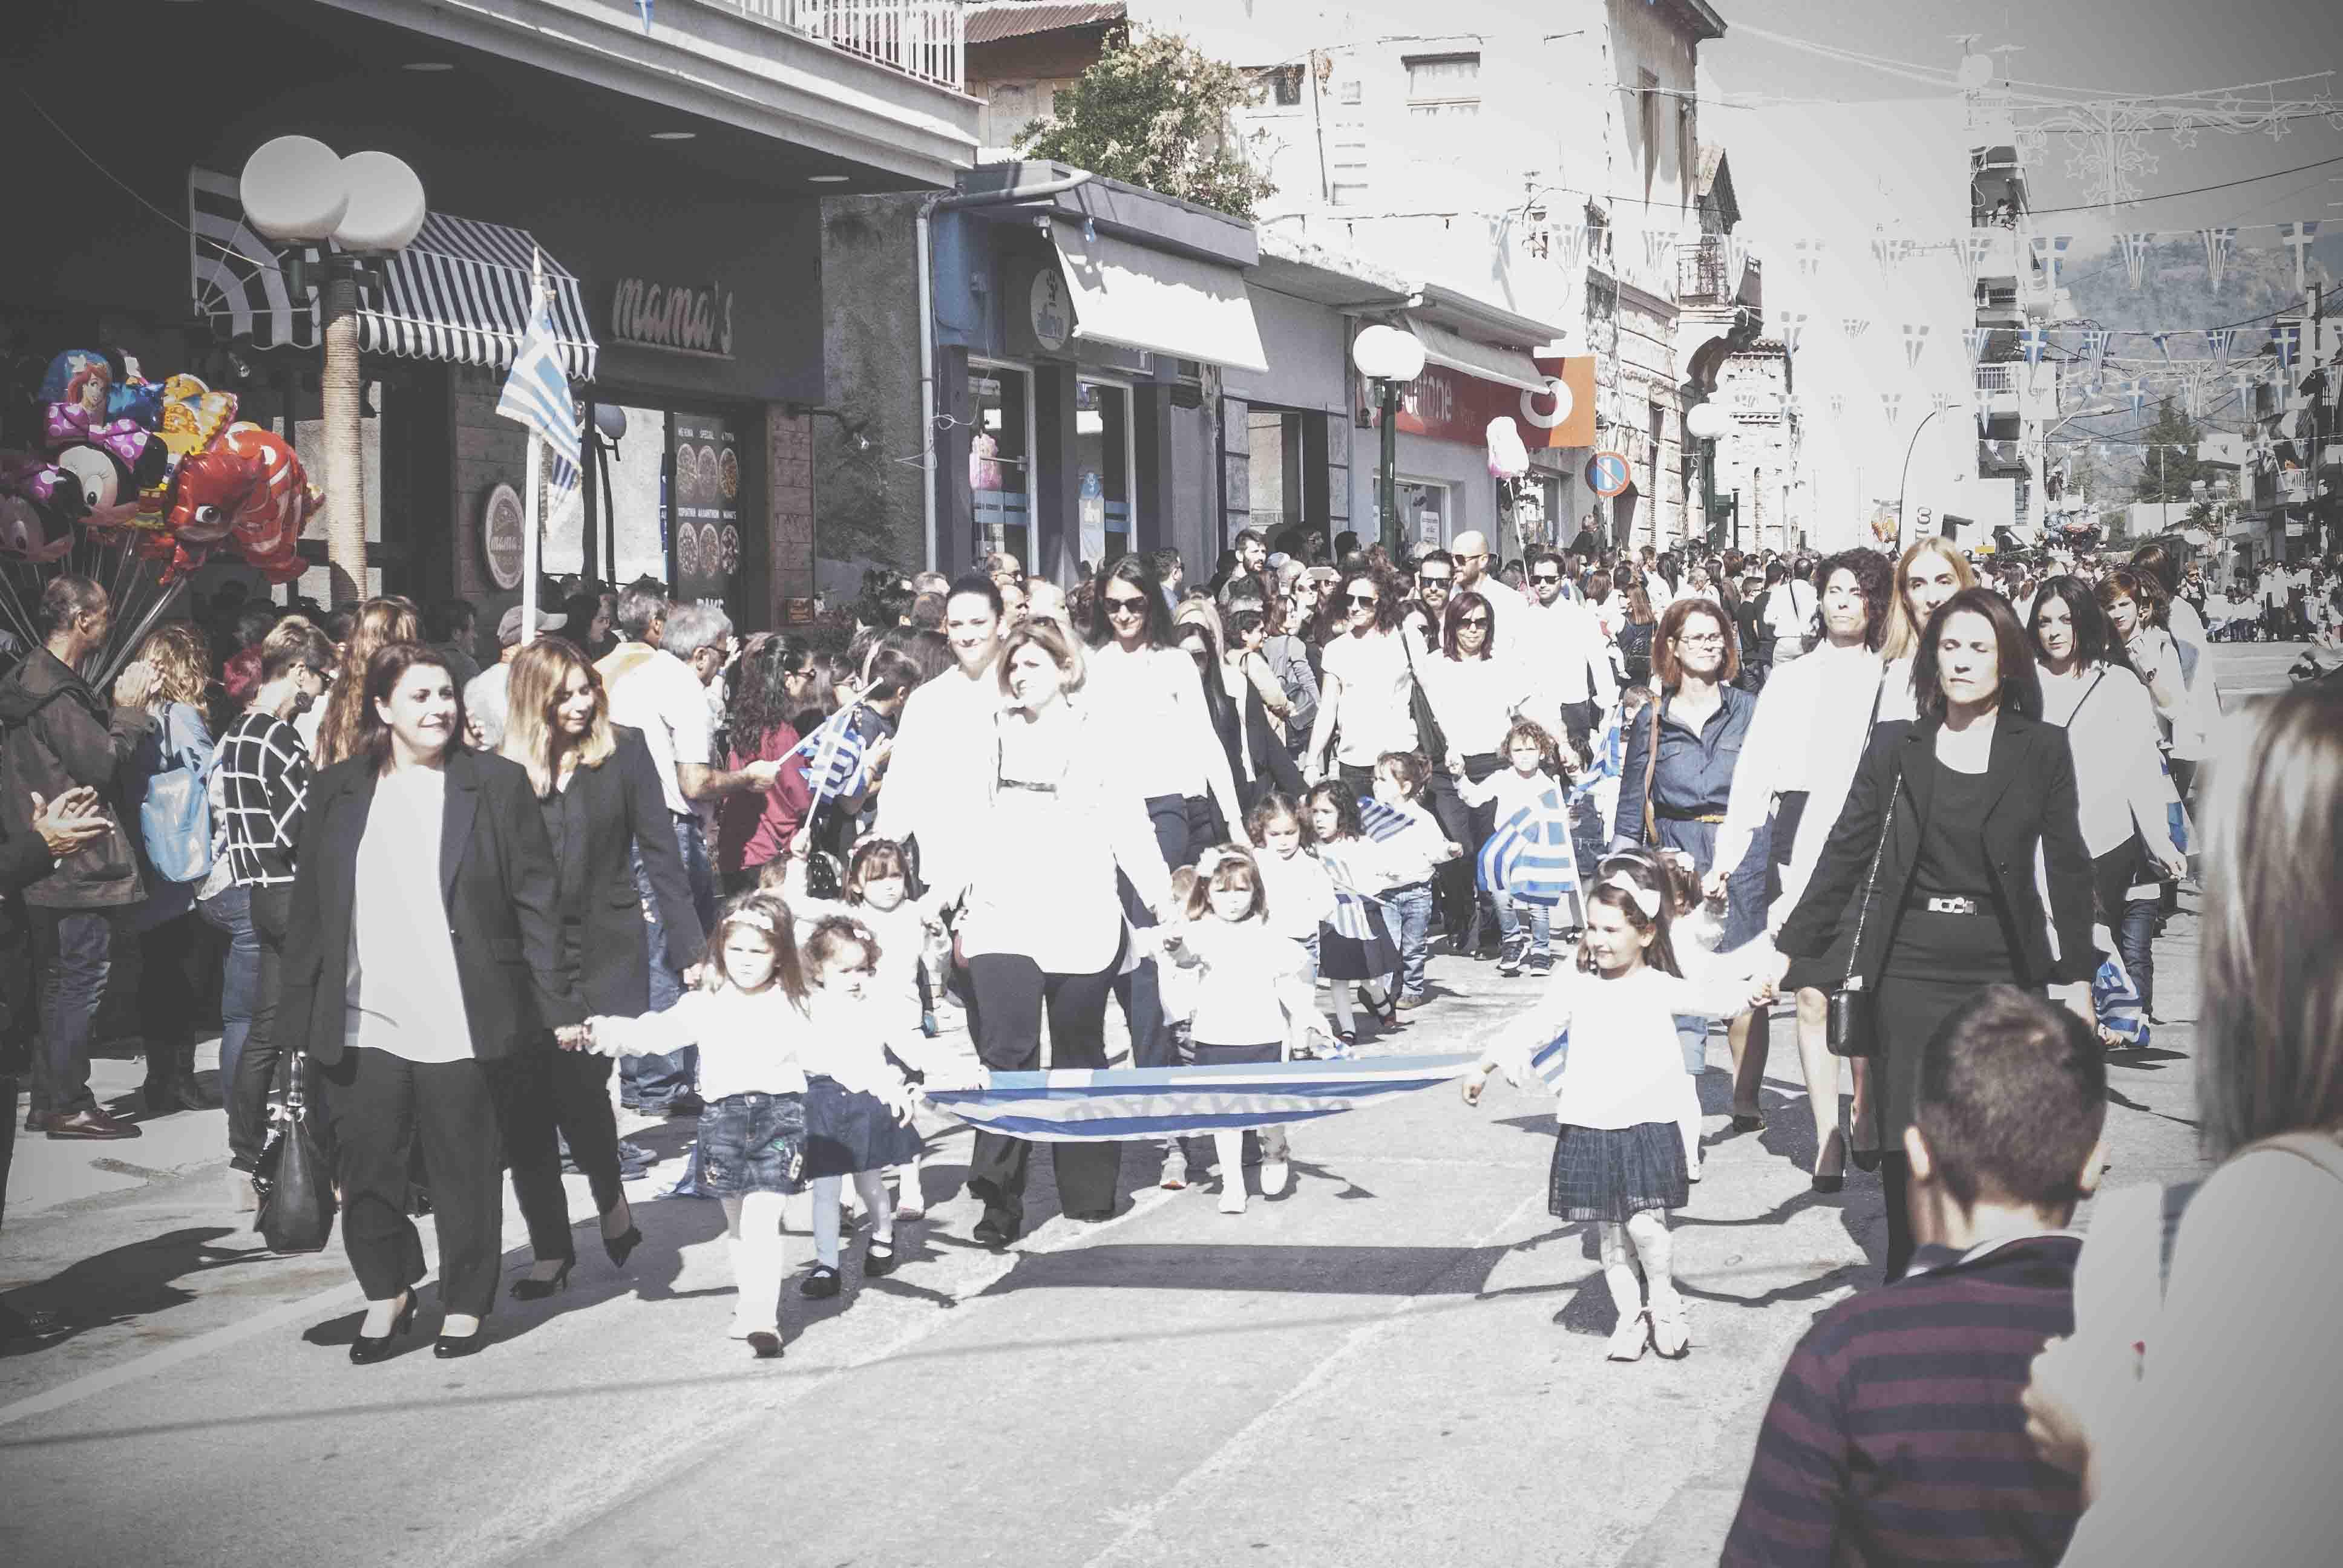 Η παρέλαση της 28ης Οκτωβρίου σε Καστέλλα και Ψαχνά (φωτό) DSC 0343